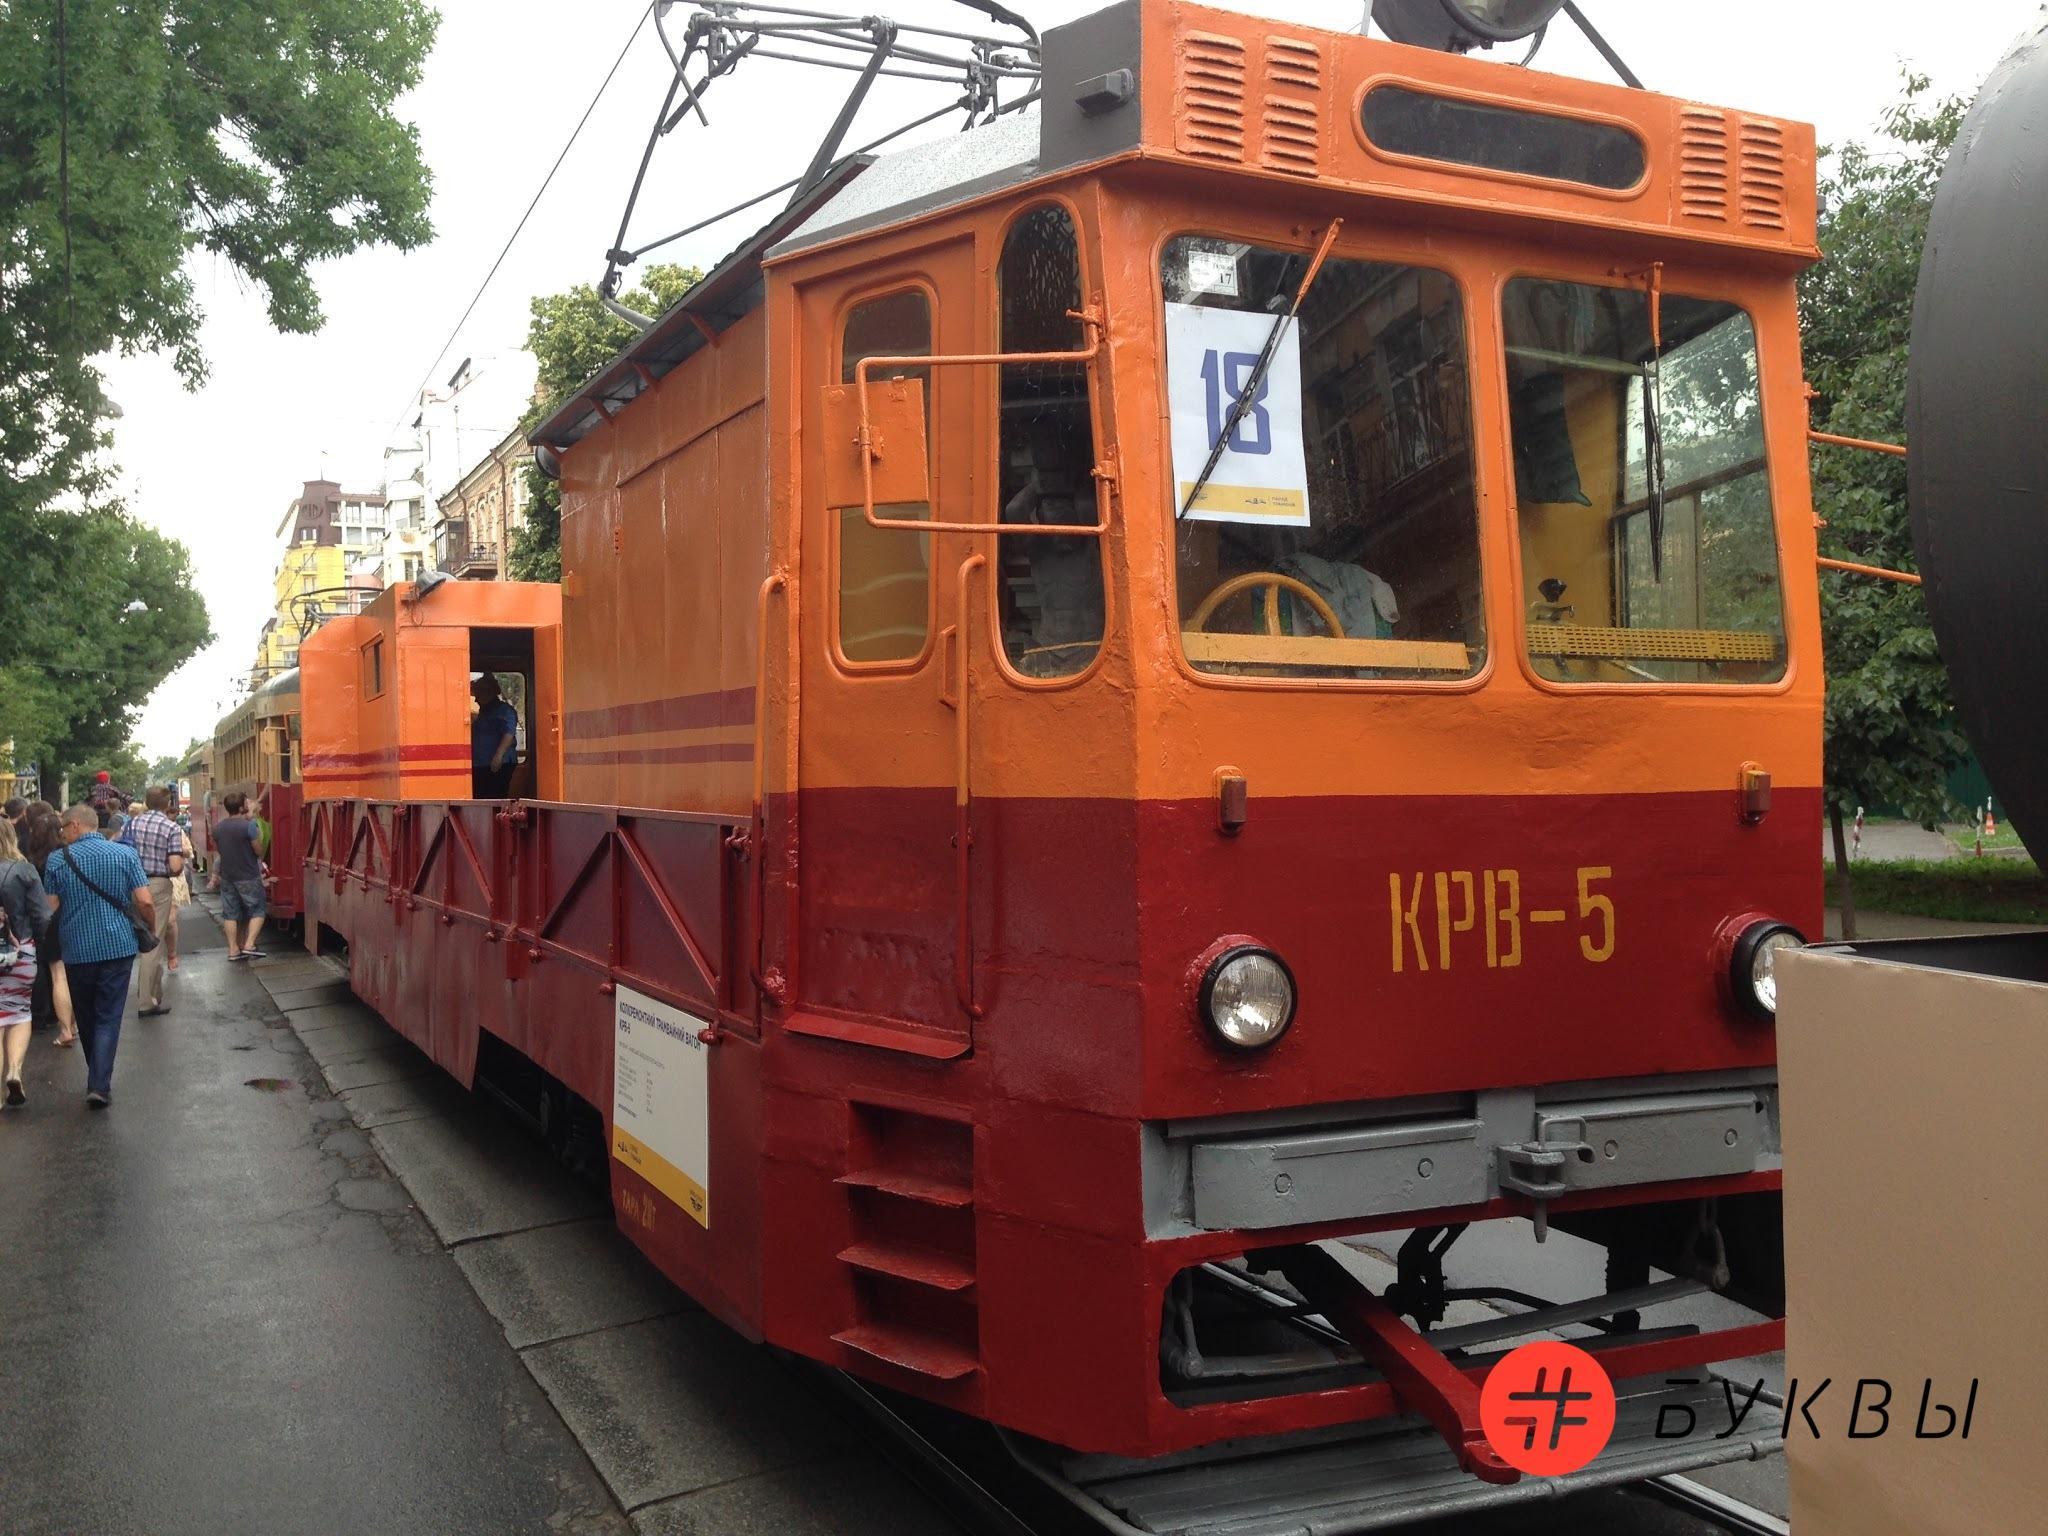 Парад трамваев_23